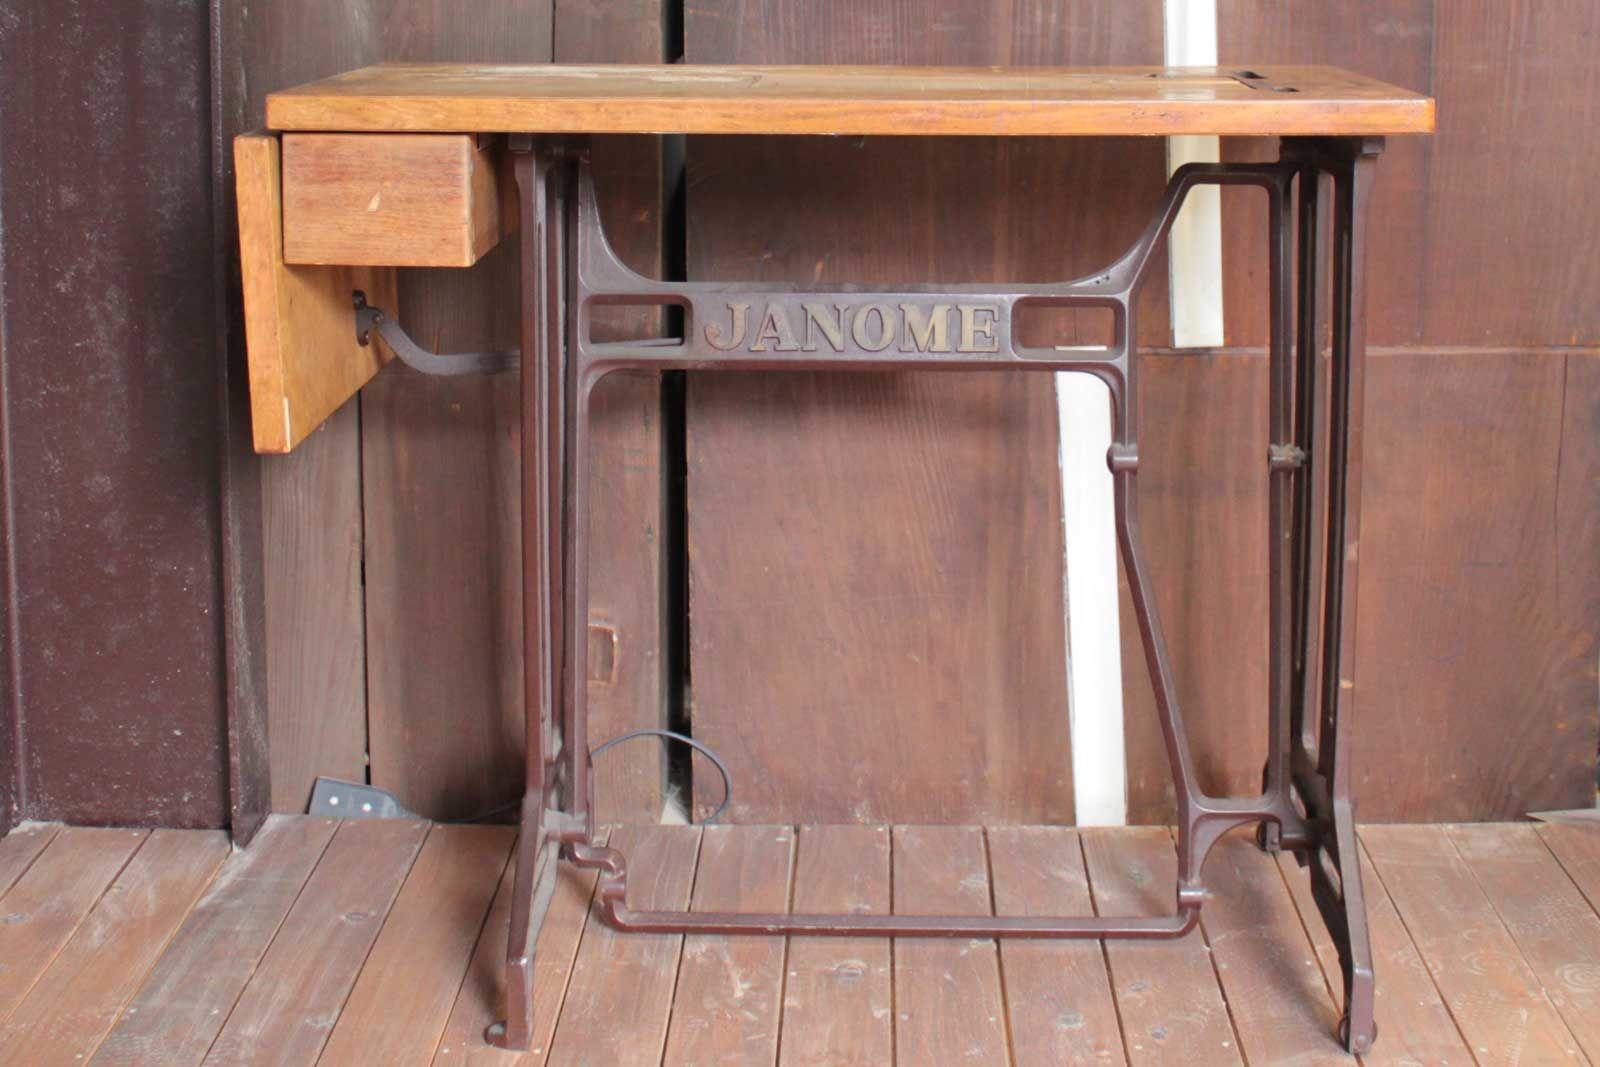 バタフライテーブルにリメイクされたジャノメの足踏みミシン(before)